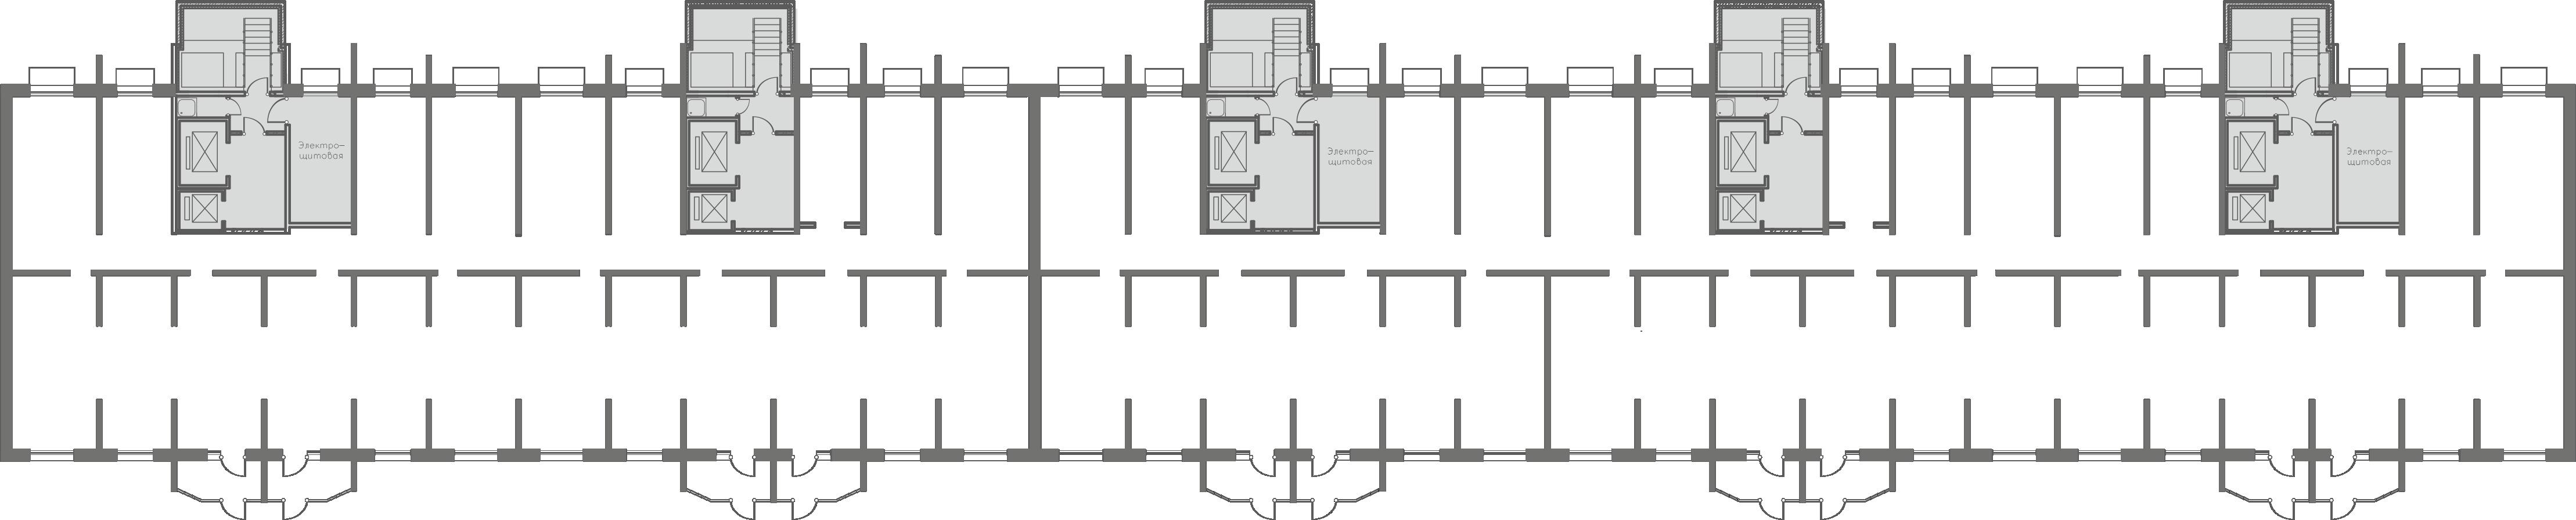 Коммерция Первый Зеленоградский Трёхсвятская 13 этаж -1